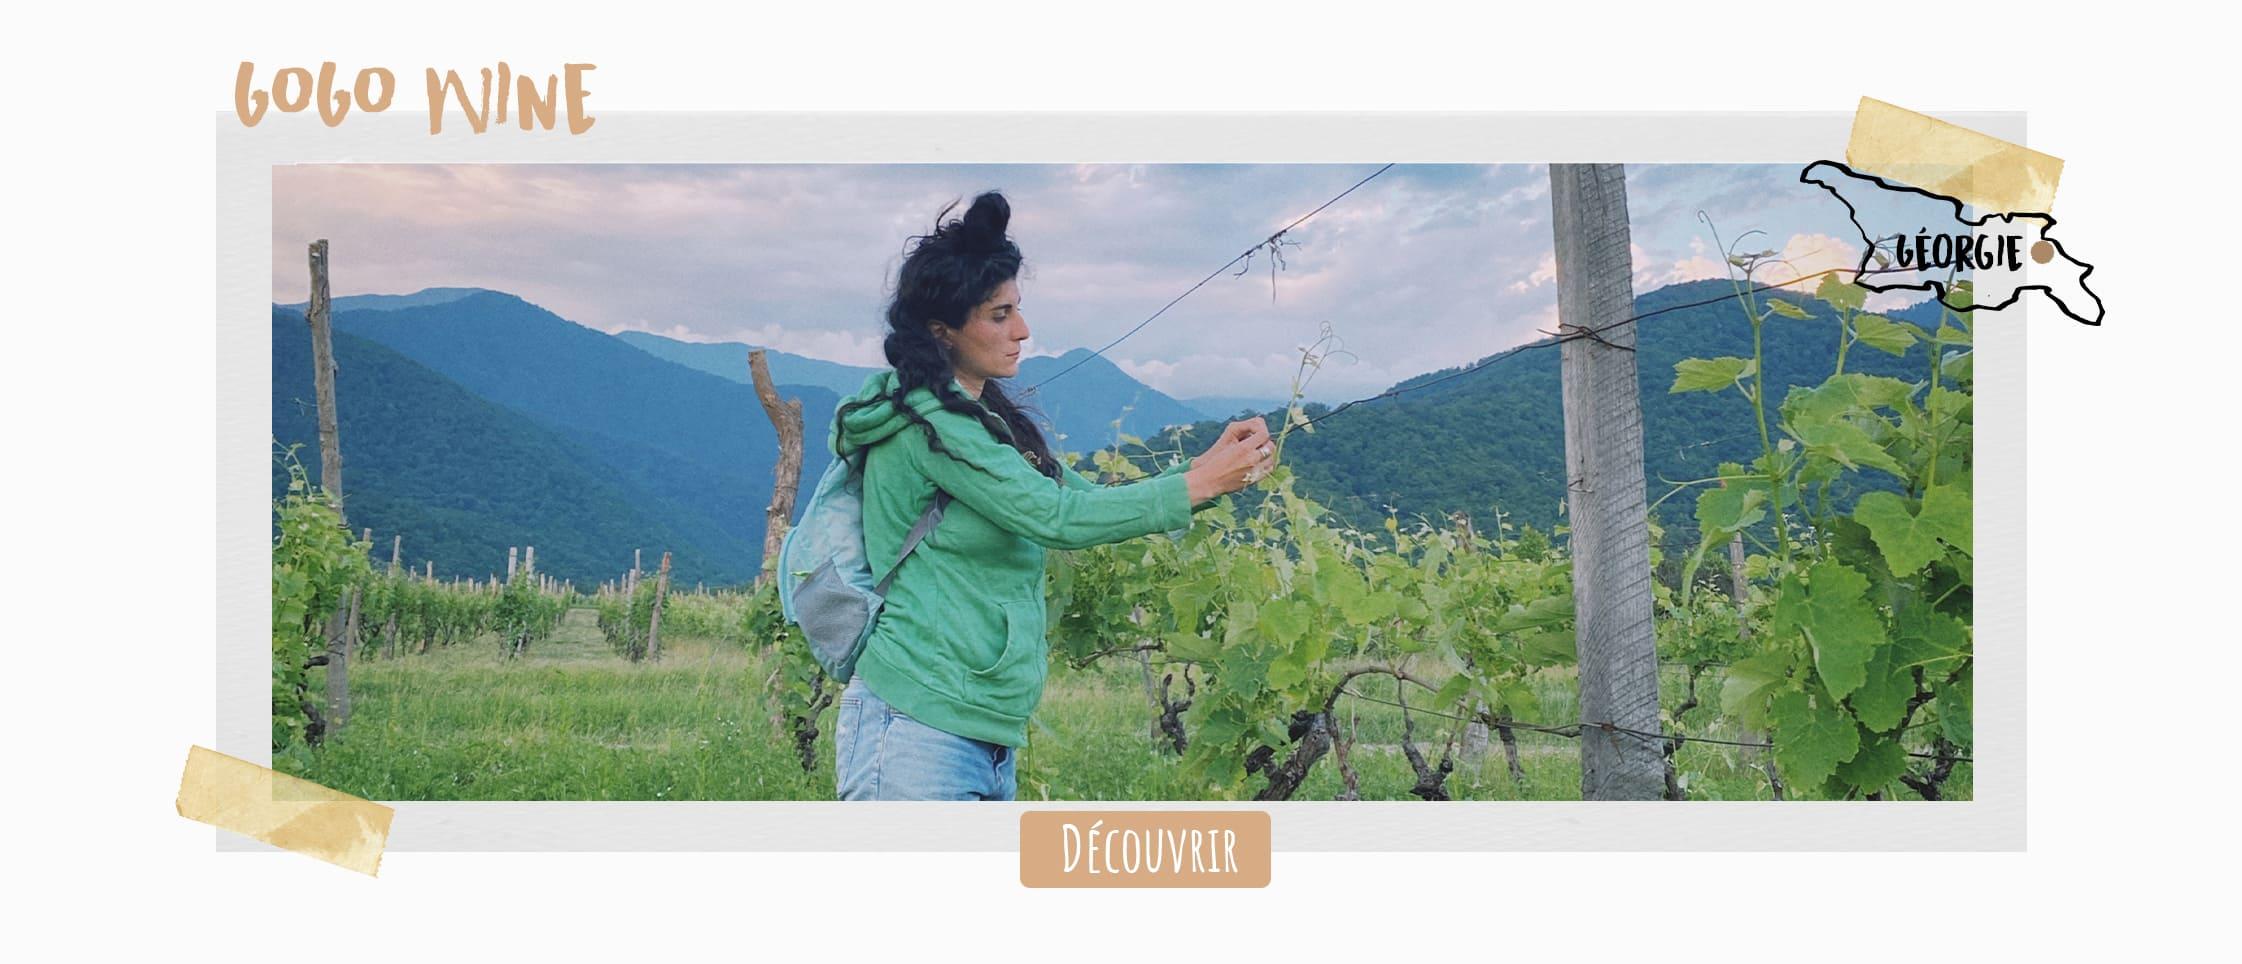 Gogo wine - vin naturel de Géorgie